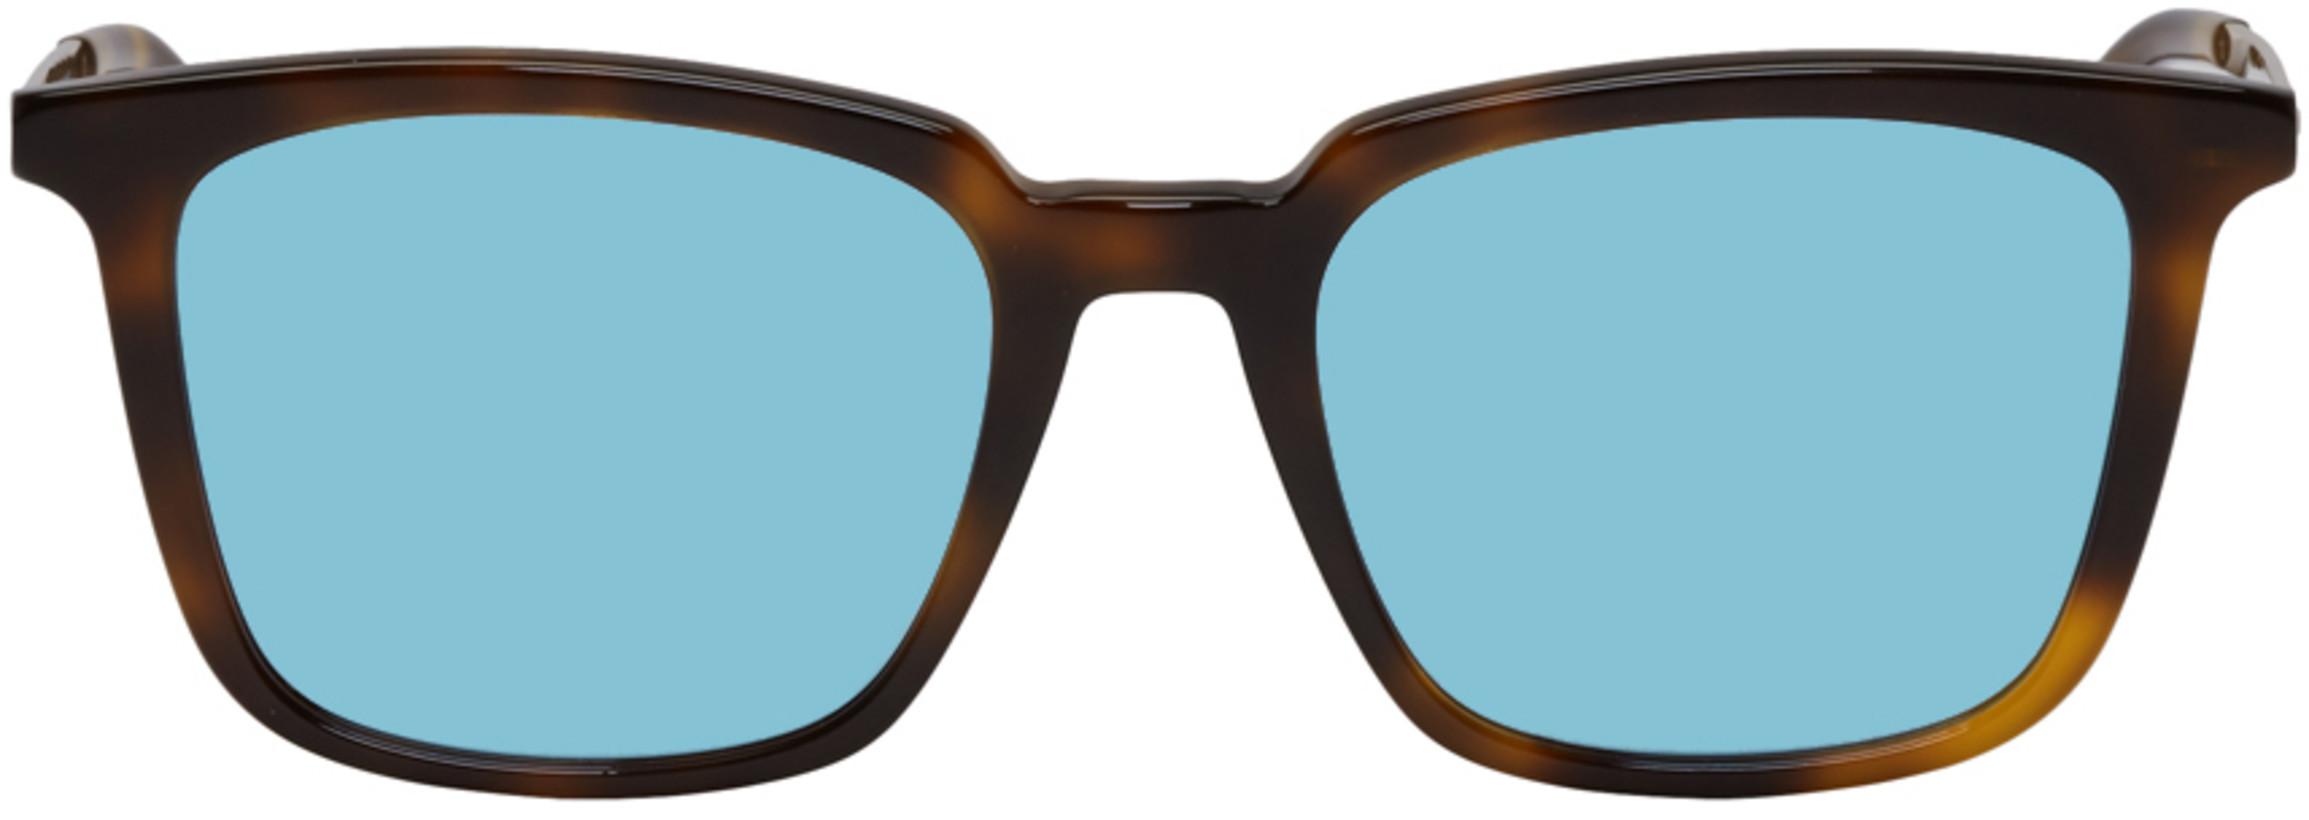 McQ Alexander McQueen Tortoiseshell & Blue MQ0070s Sunglasses